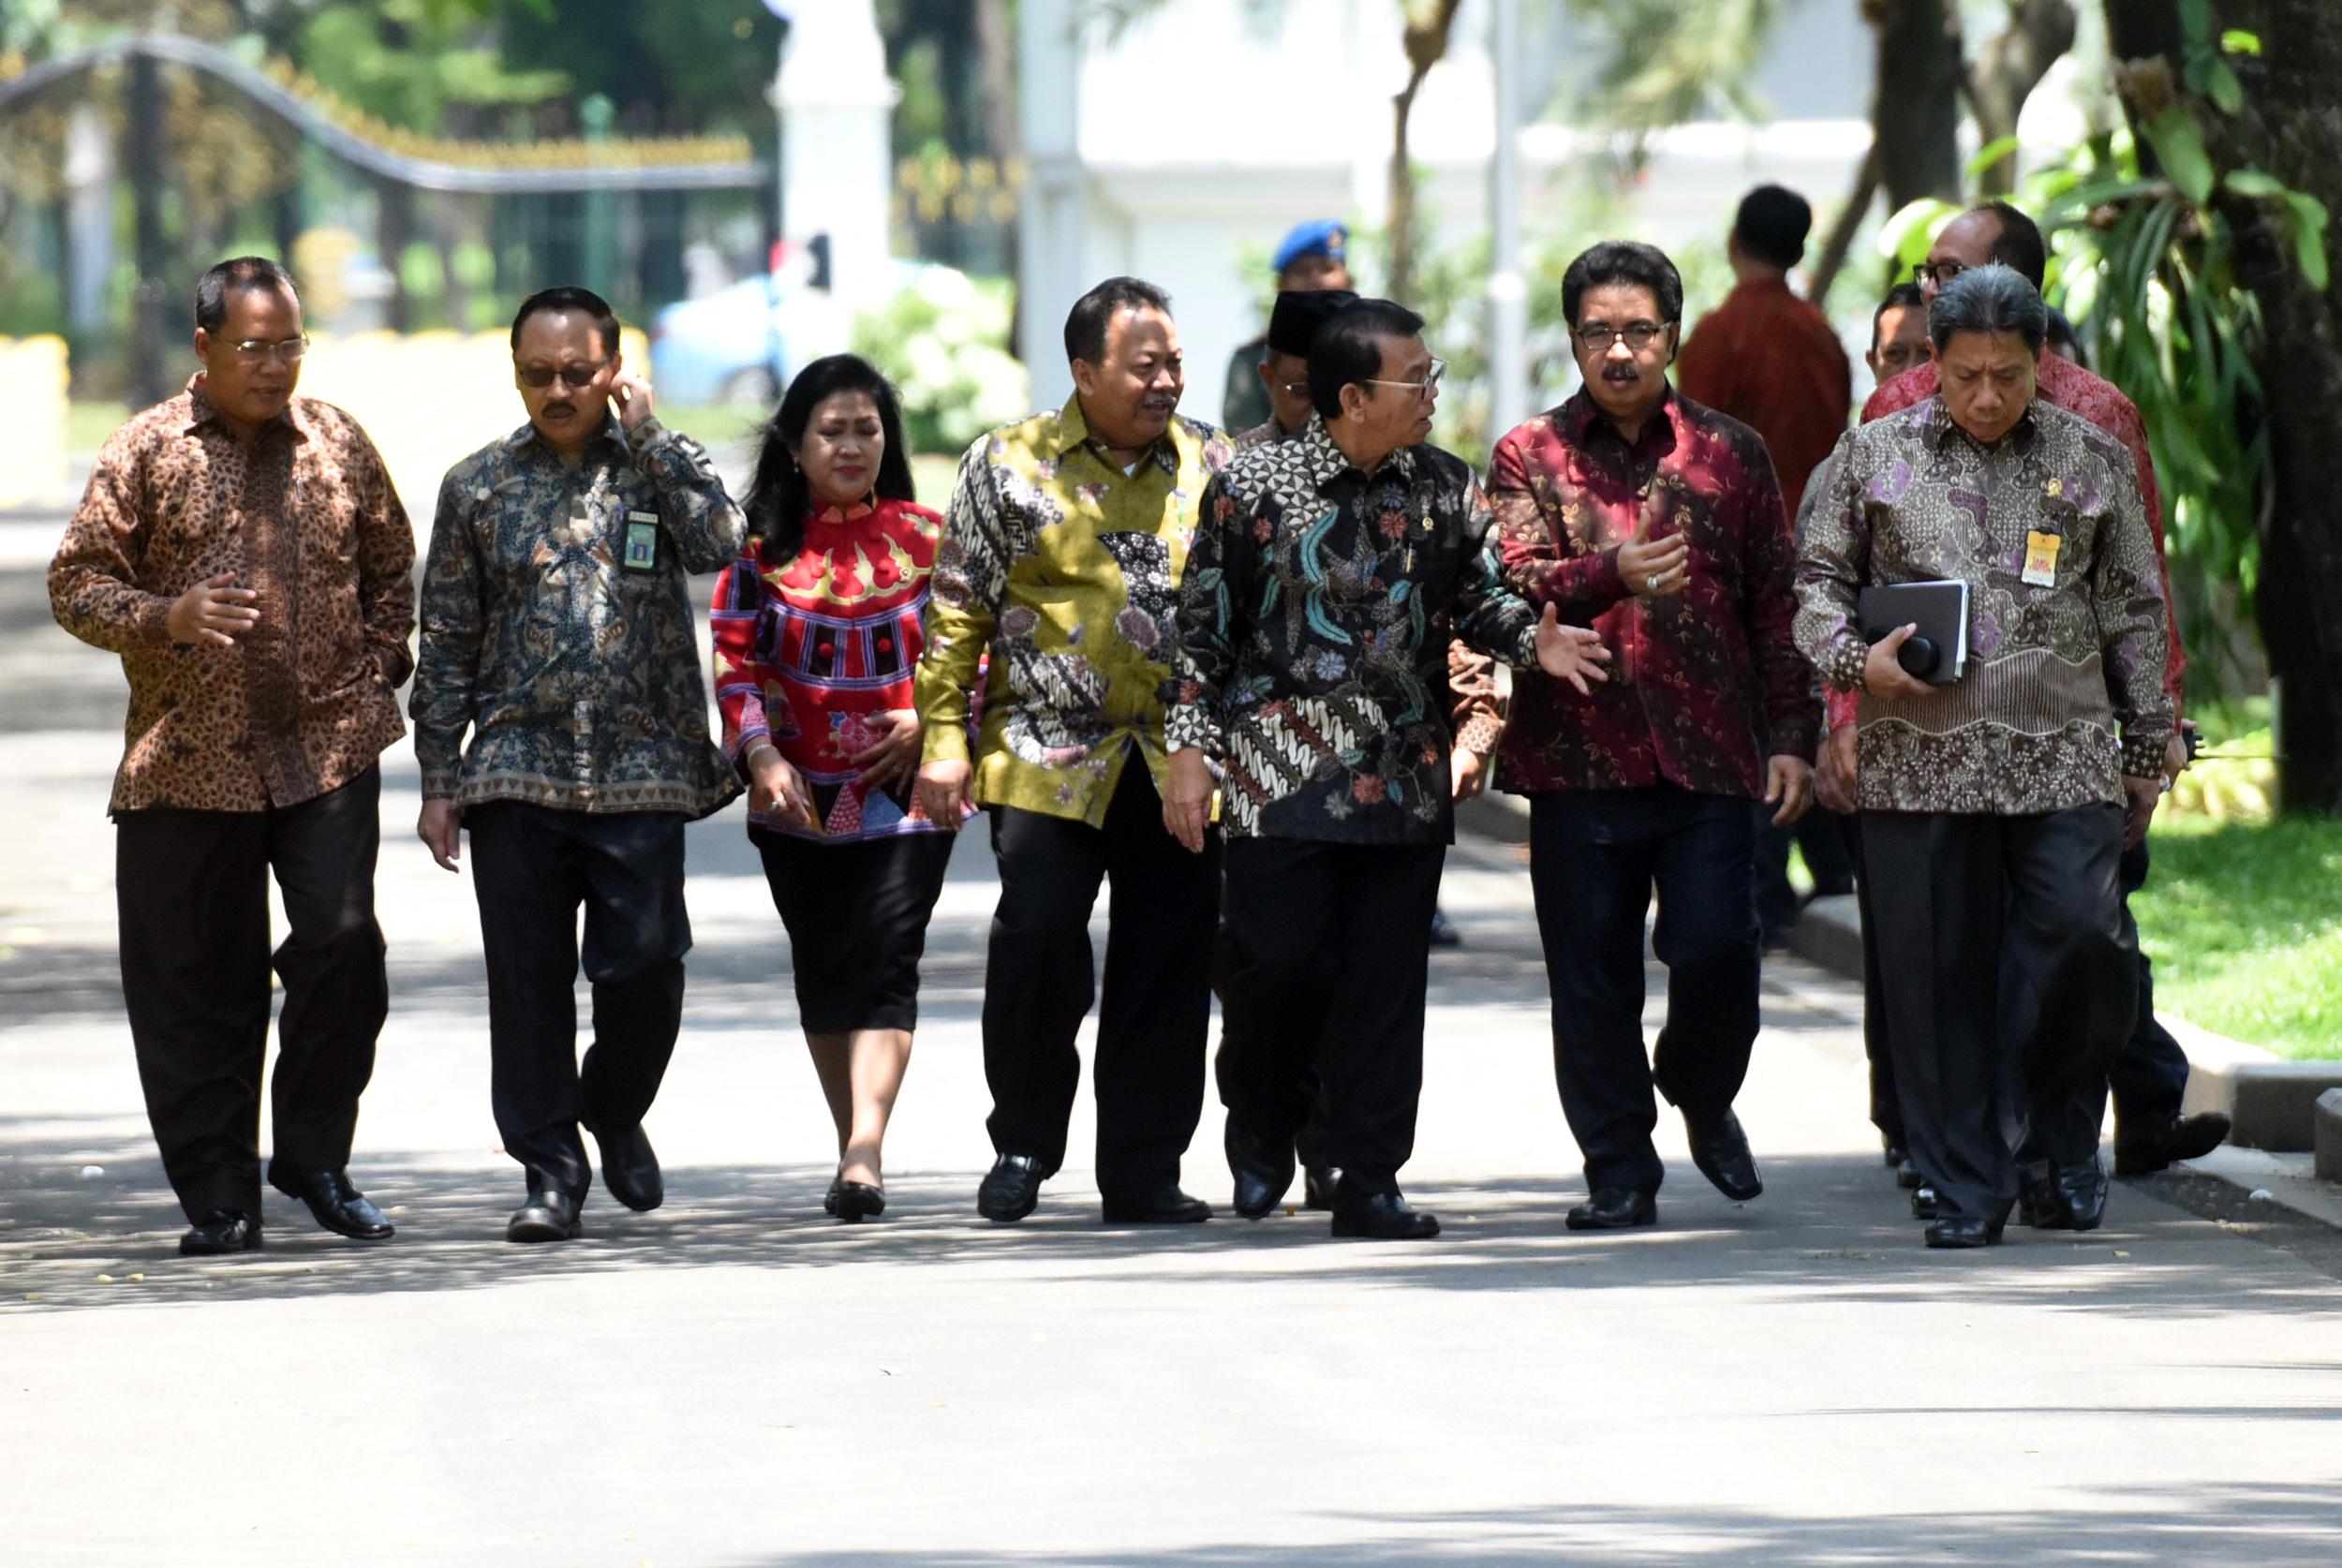 Jajaran Pengurus Pusat IKAHI yang diterima oleh Presiden Joko Widodo (Jokowi), di Istana Merdeka, Jakarta, Senin (27/3) siang. (Foto: Humas/Rahmat)